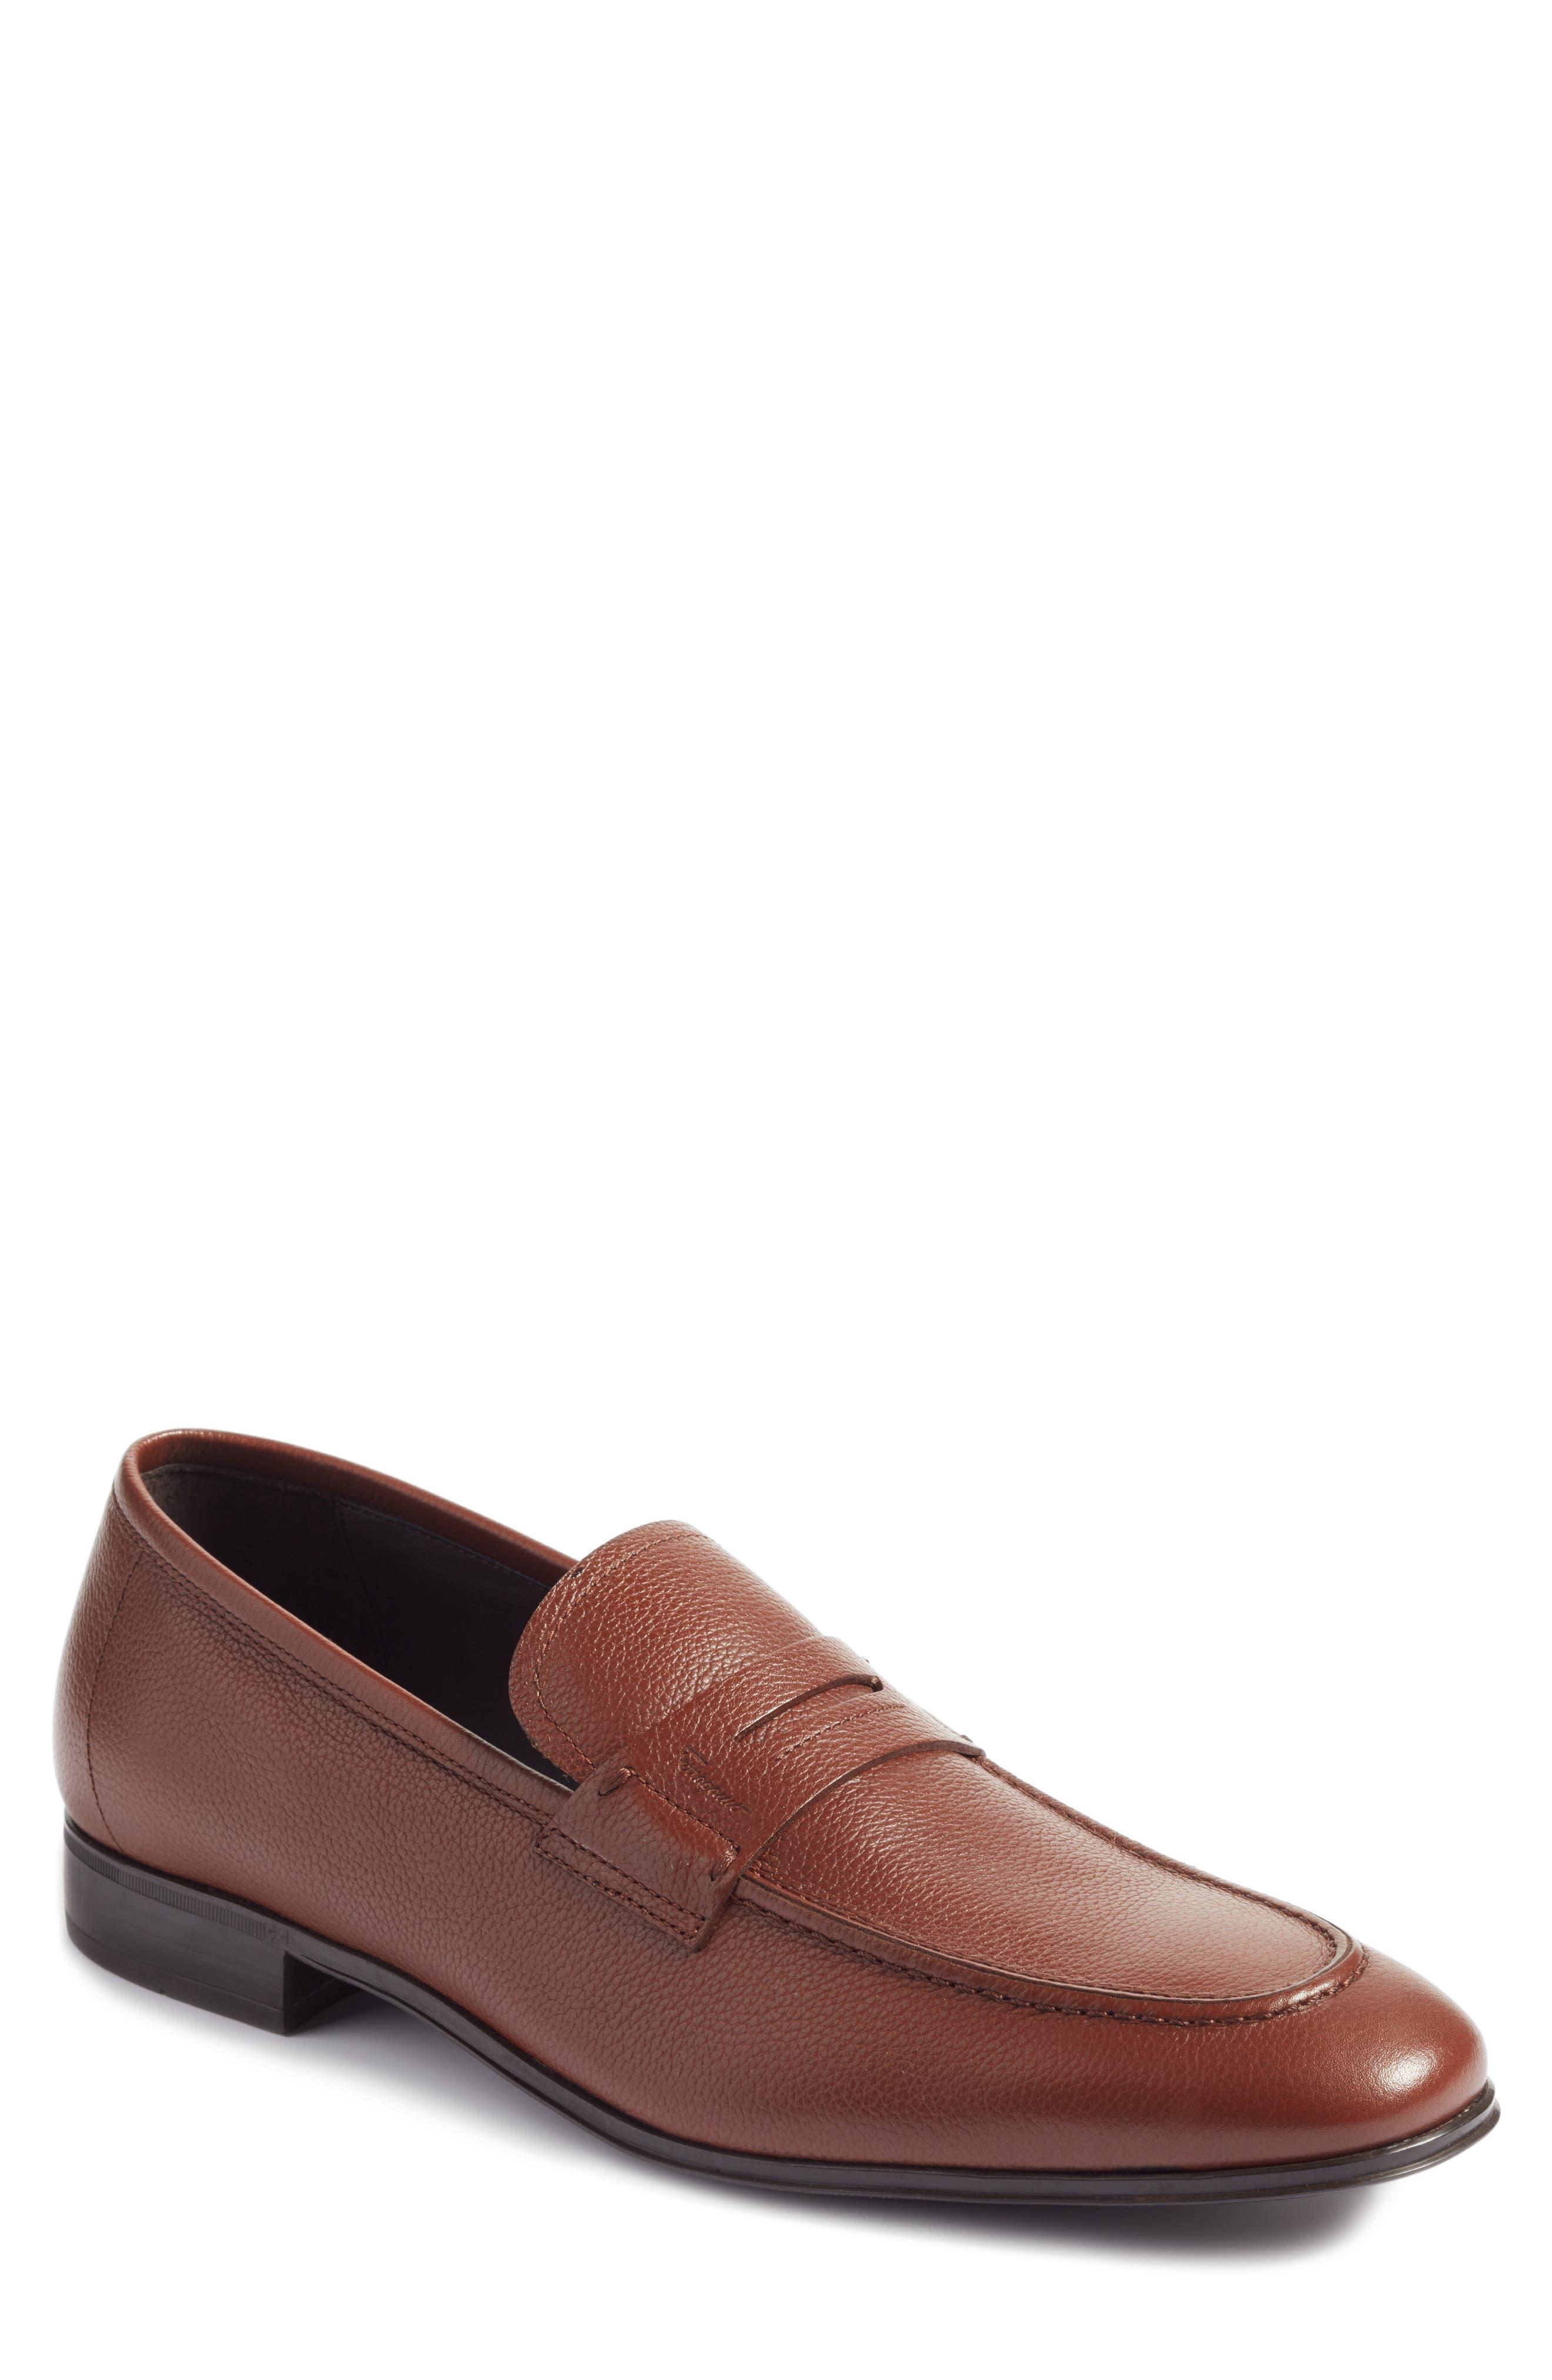 Salvatore Ferragamo Men's Fiorino 2 Textured Leather Loafers r8hk3s